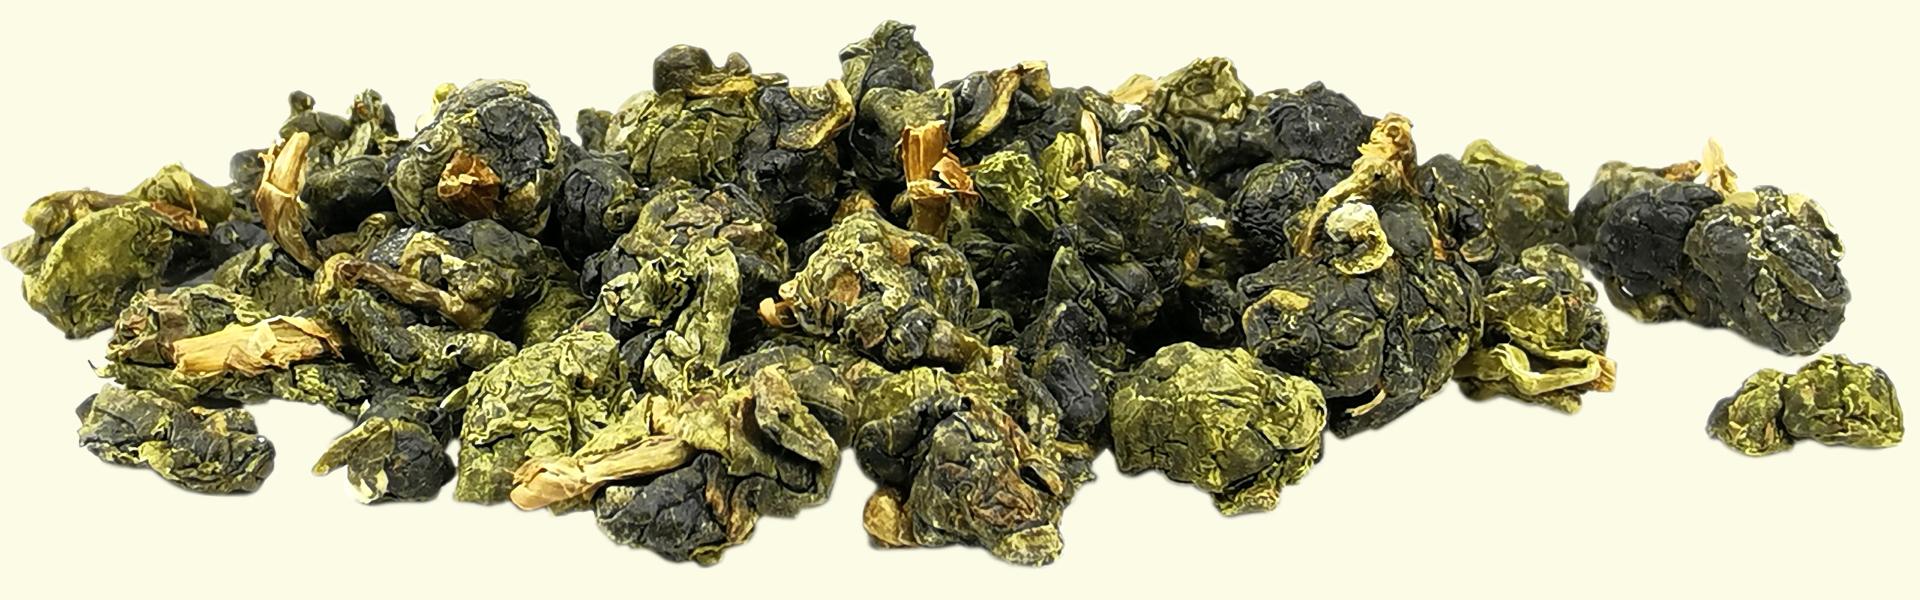 Visuellement, très vert, le thé Oolong #21 Quatre Saisons en feuilles roulées est lui aussi destiné à être infusé plusieurs fois de suite pour savourer l'évolution de ses arômes & de sa texture douce à mesure que les feuilles se déploient sous l'effet de l'eau chaude.